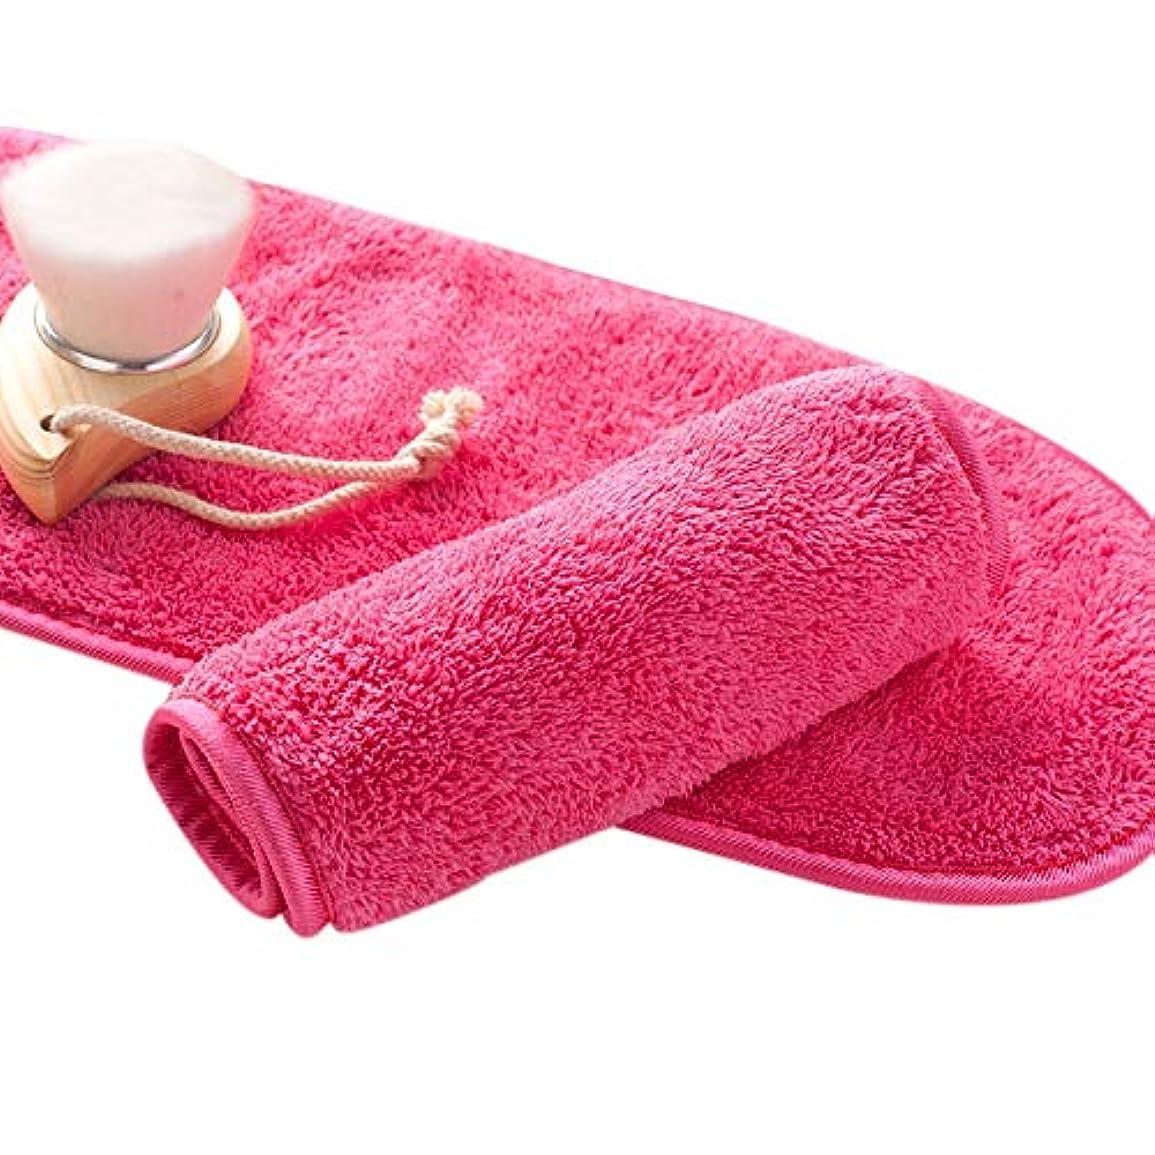 ハーフ月曜胸Gaoominy ナチュラル抗菌保護 メイク落とし クレンジング美容ウォッシュツール 再利用可能なマイクロファイバーのフェイシャルクロス 顔用タオル